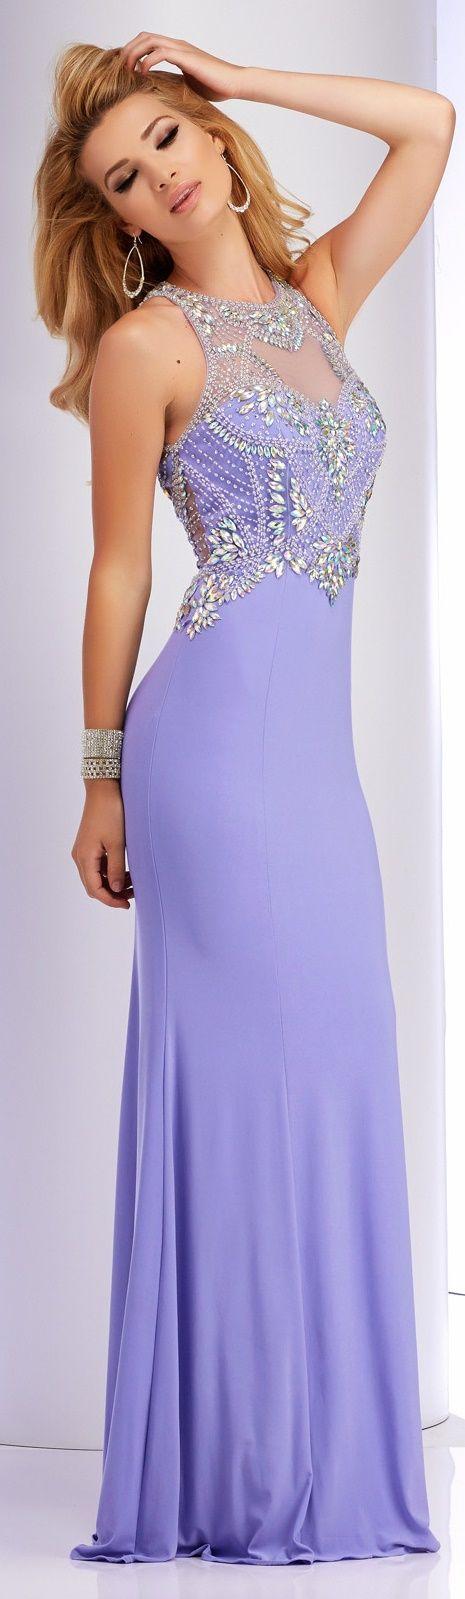 Clarisse Prom Dress 2796 | Vestiditos, Vestidos de fiesta y Vestido ...